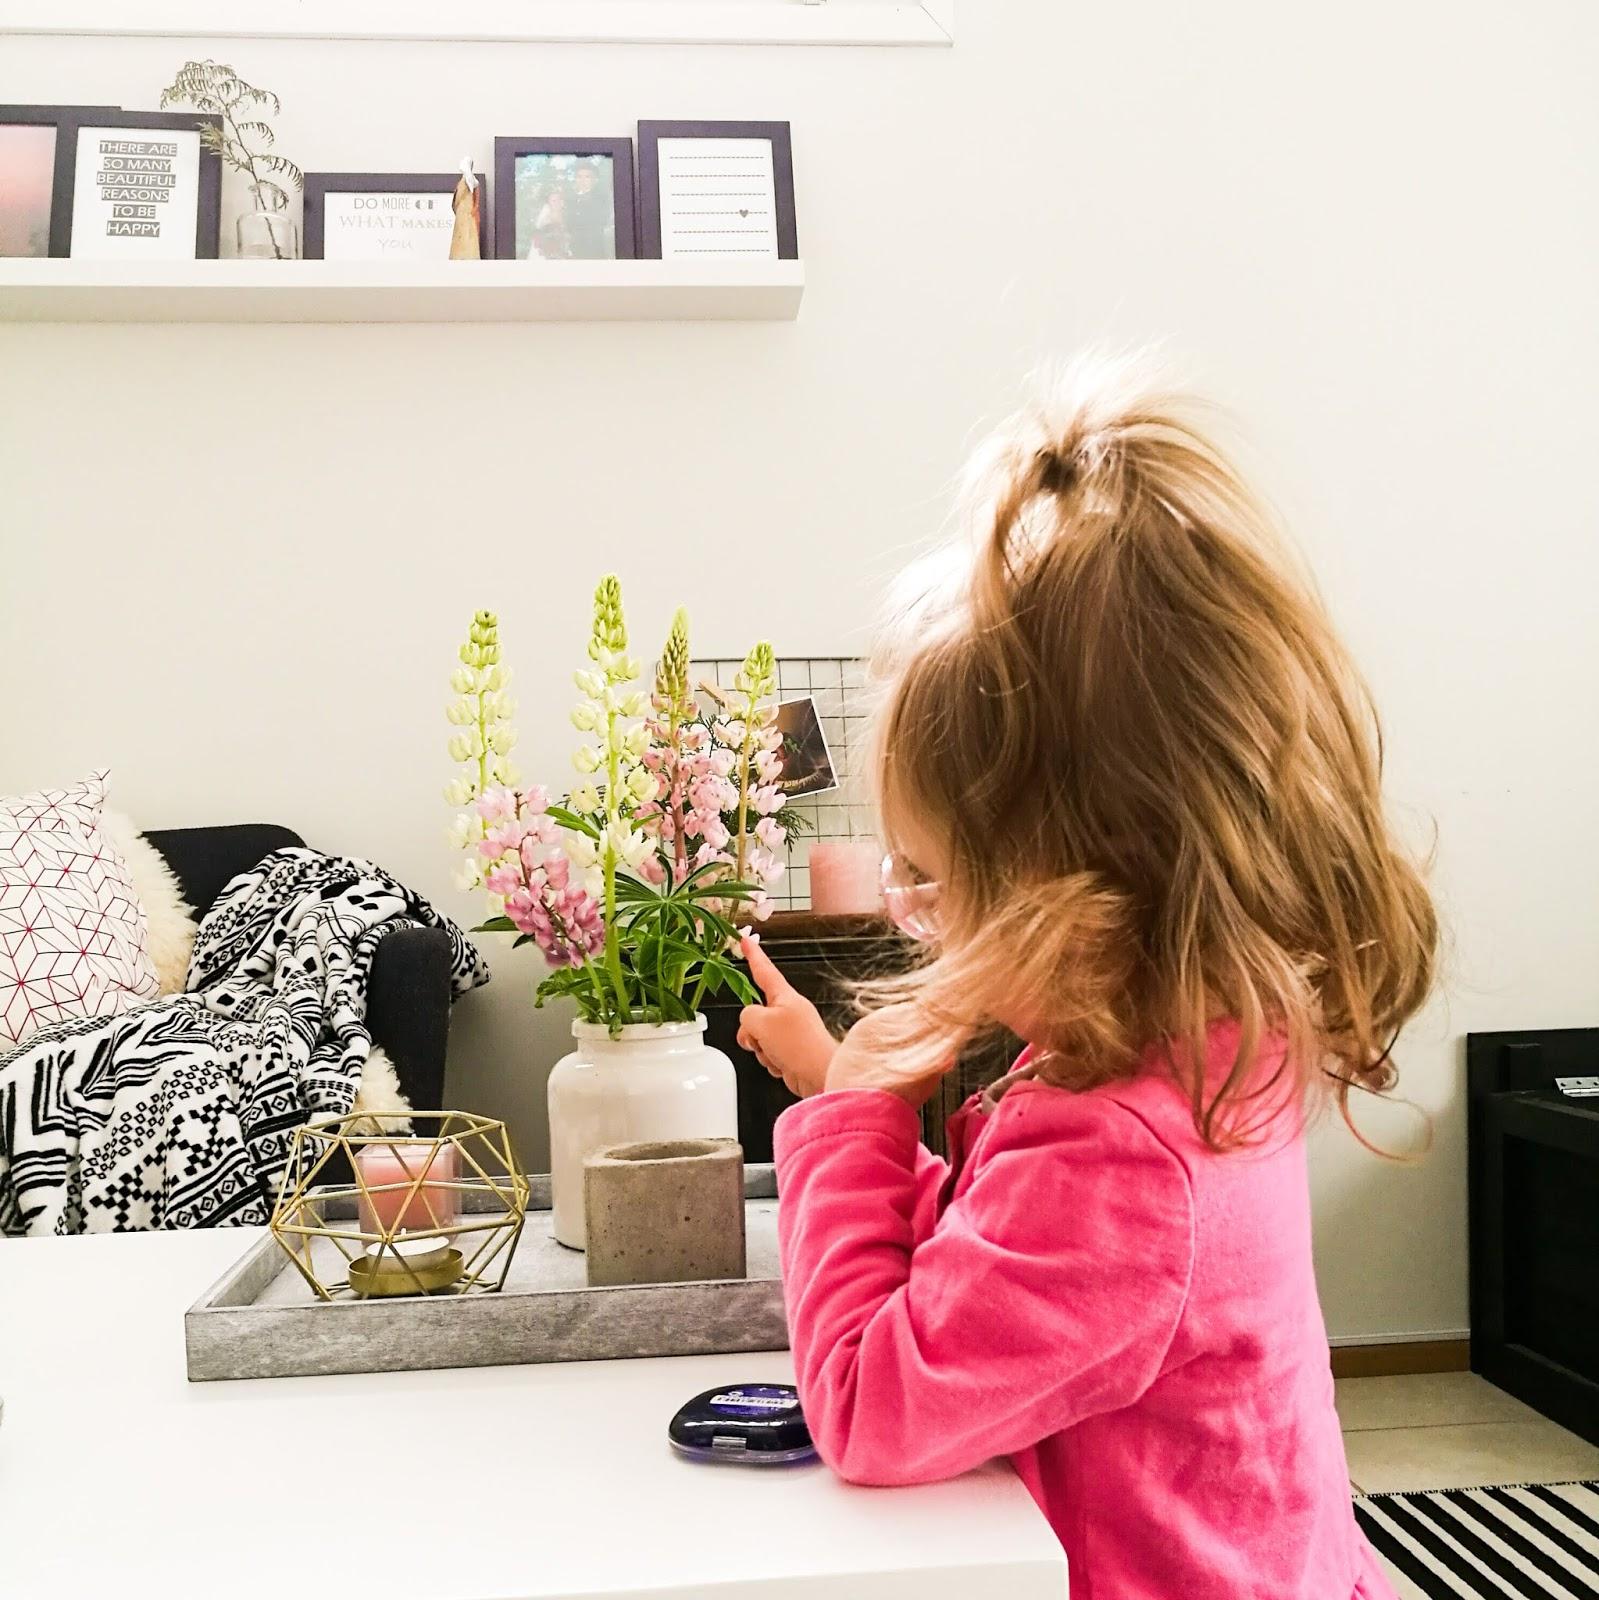 Saippuakuplia olohuoneessa blogi, Kuva Hanna Poikkilehto, lapsi, taapreo, kaksivuotias, lapsen kehitys